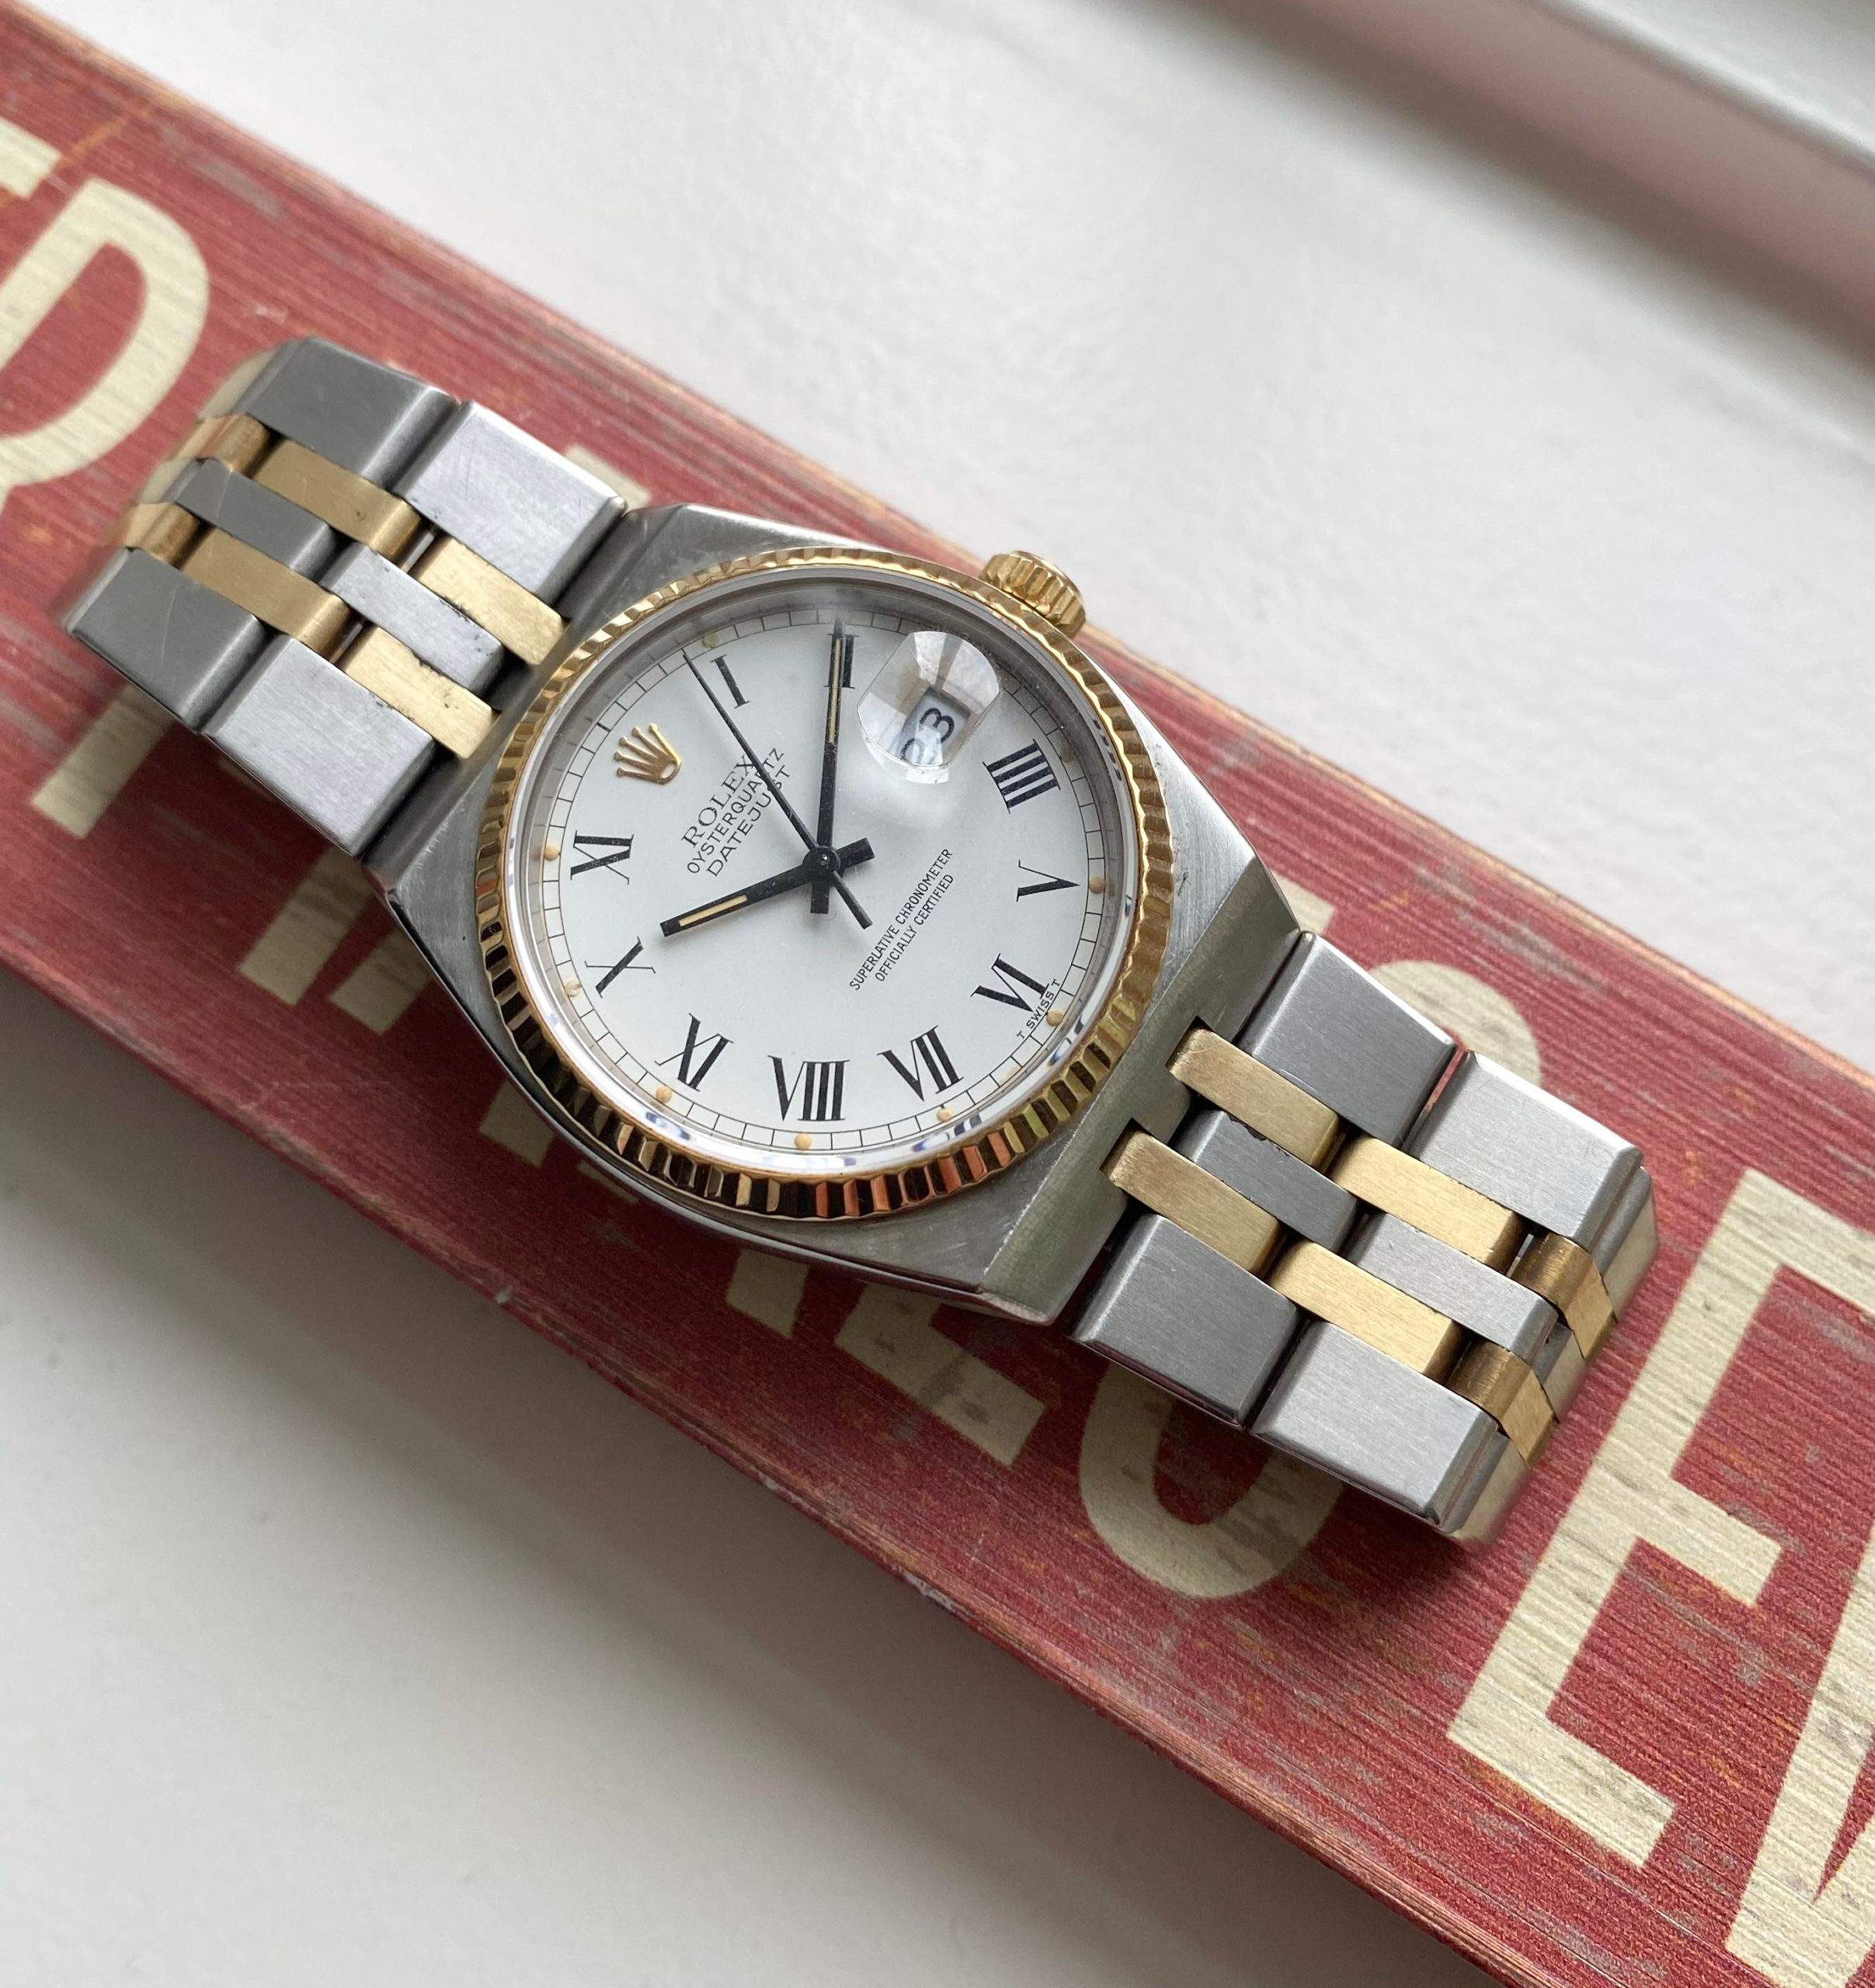 The Rolex Datejust Oysterquartz